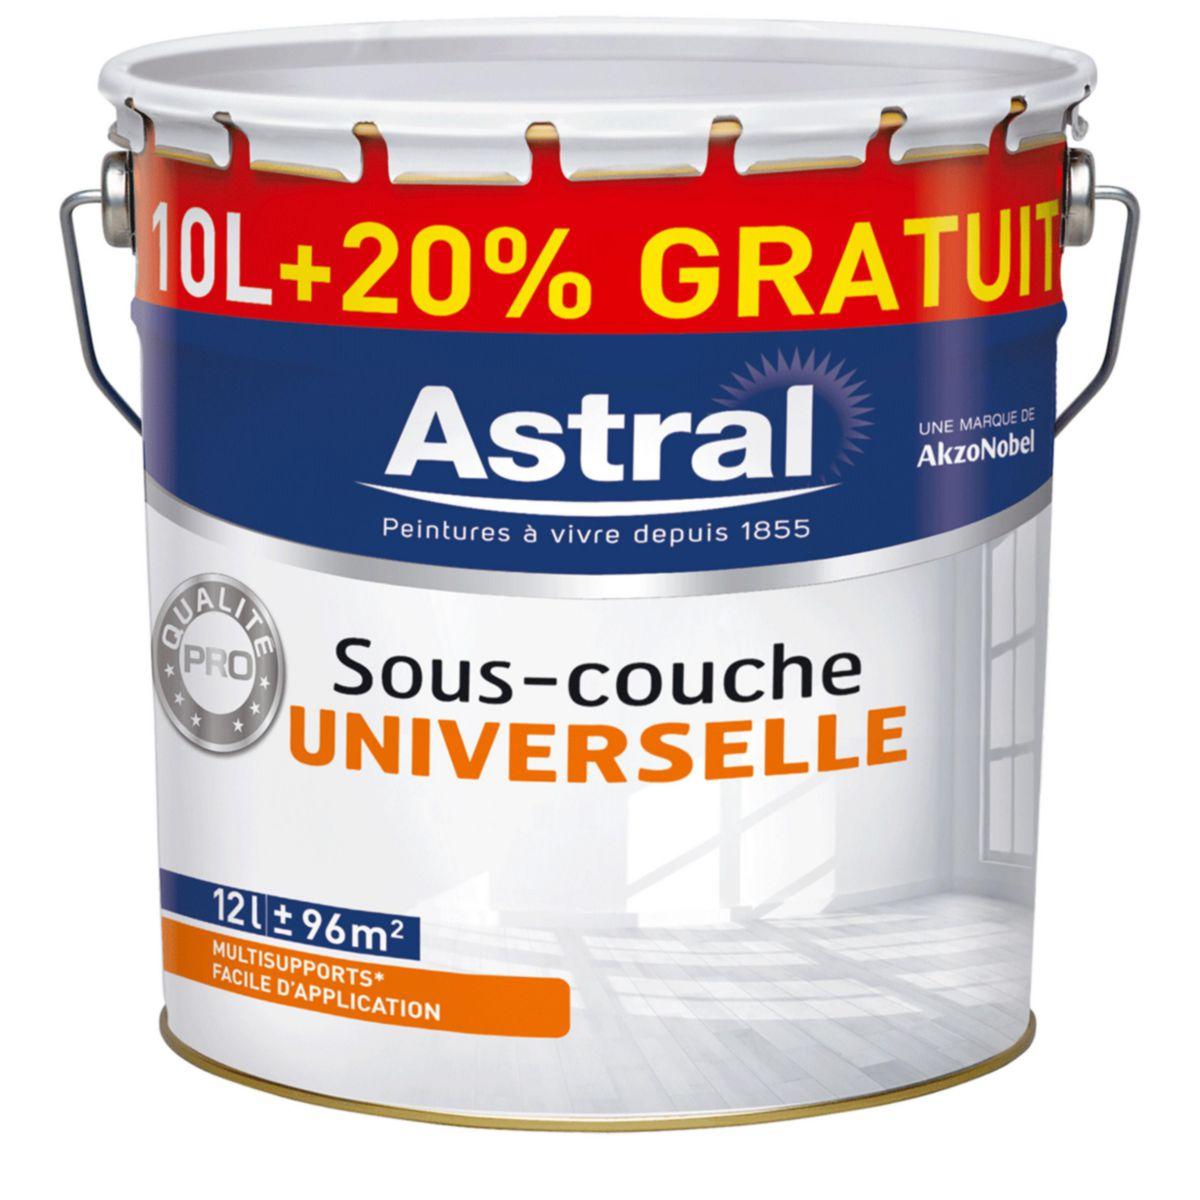 sous couche universelle pot de 10 l 20 akzo nobel outillage quincaillerie distributeur de matriaux de construction pointp